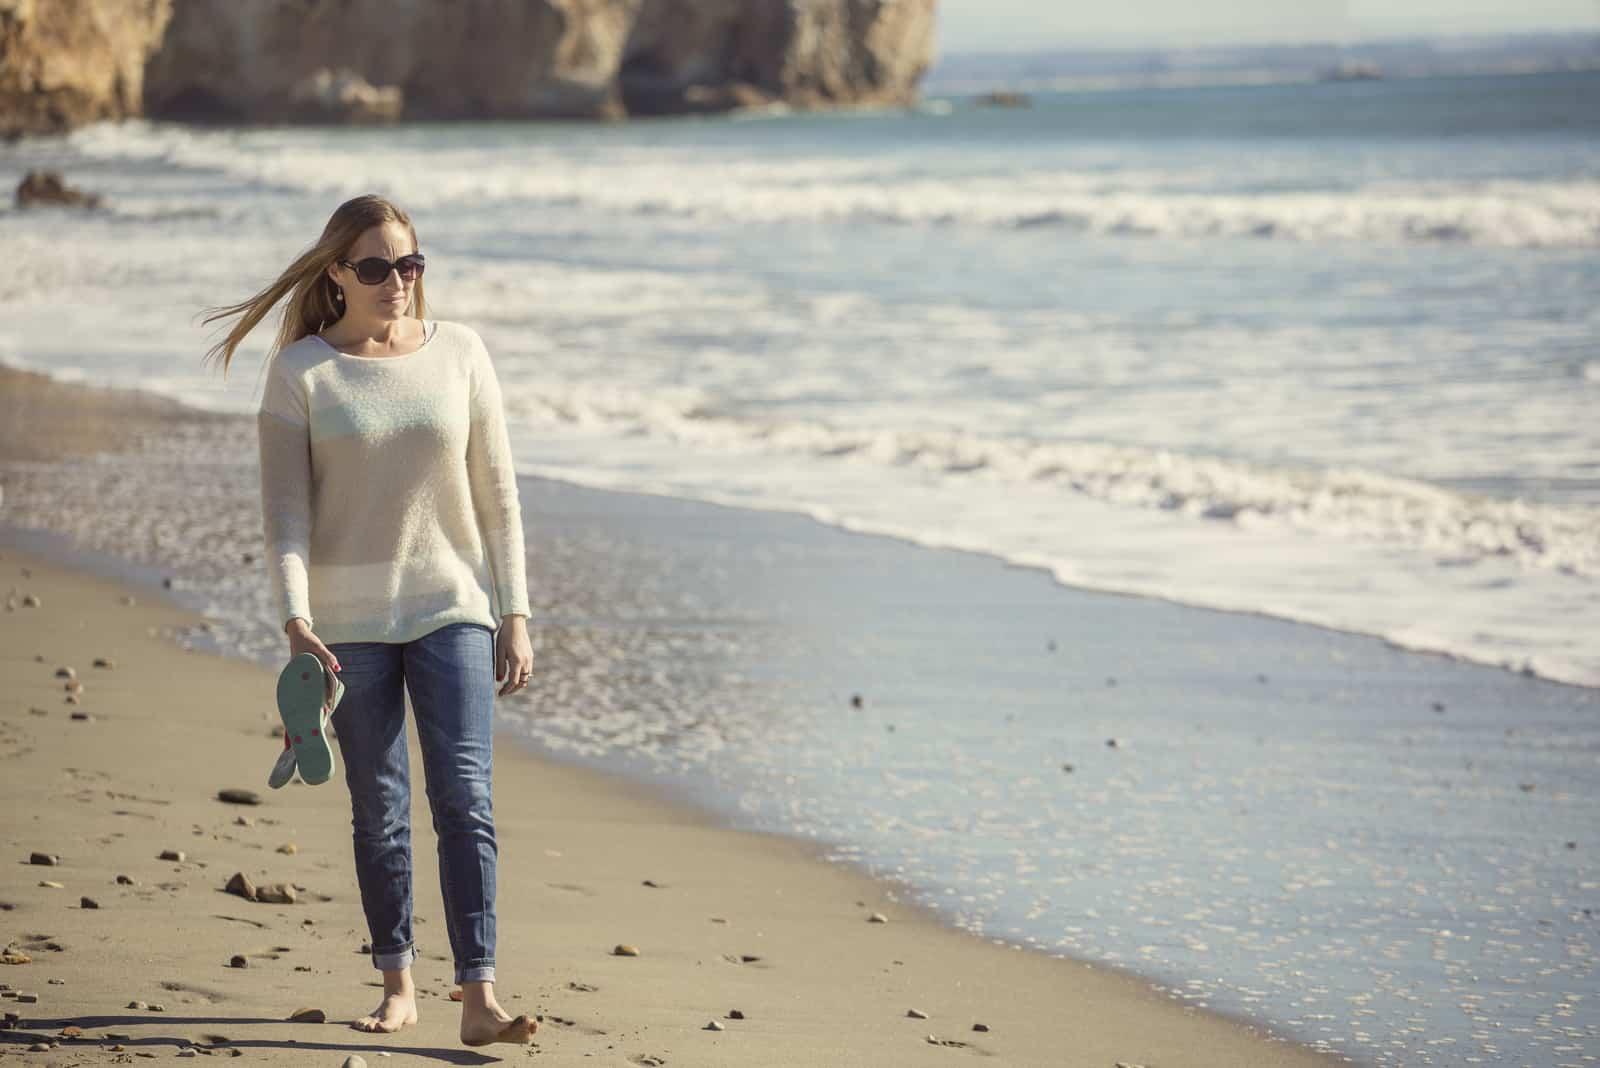 Eine Frau mit langen braunen Haaren sitzt am Strand